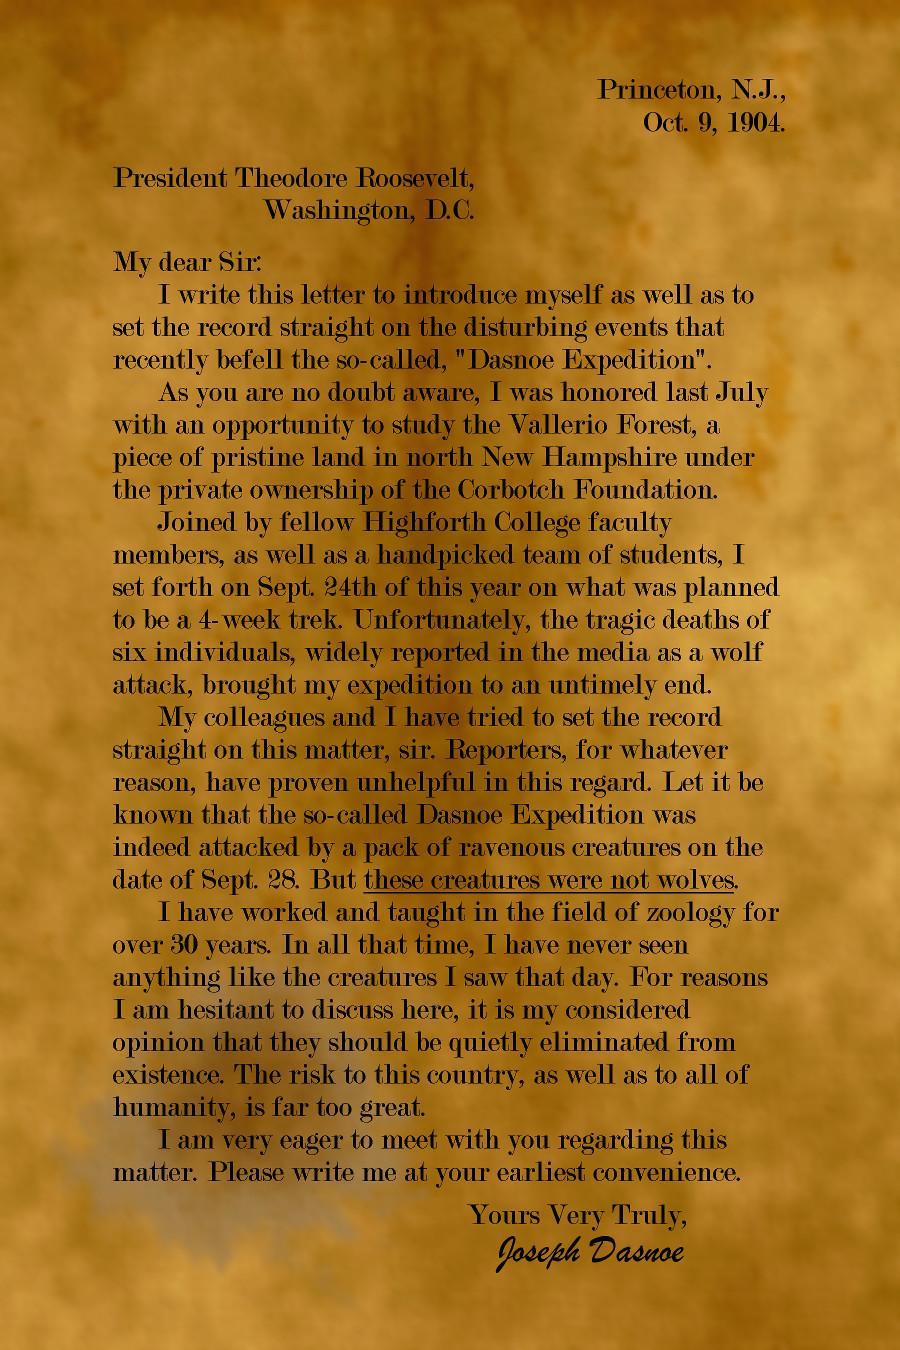 The Dasnoe Letter